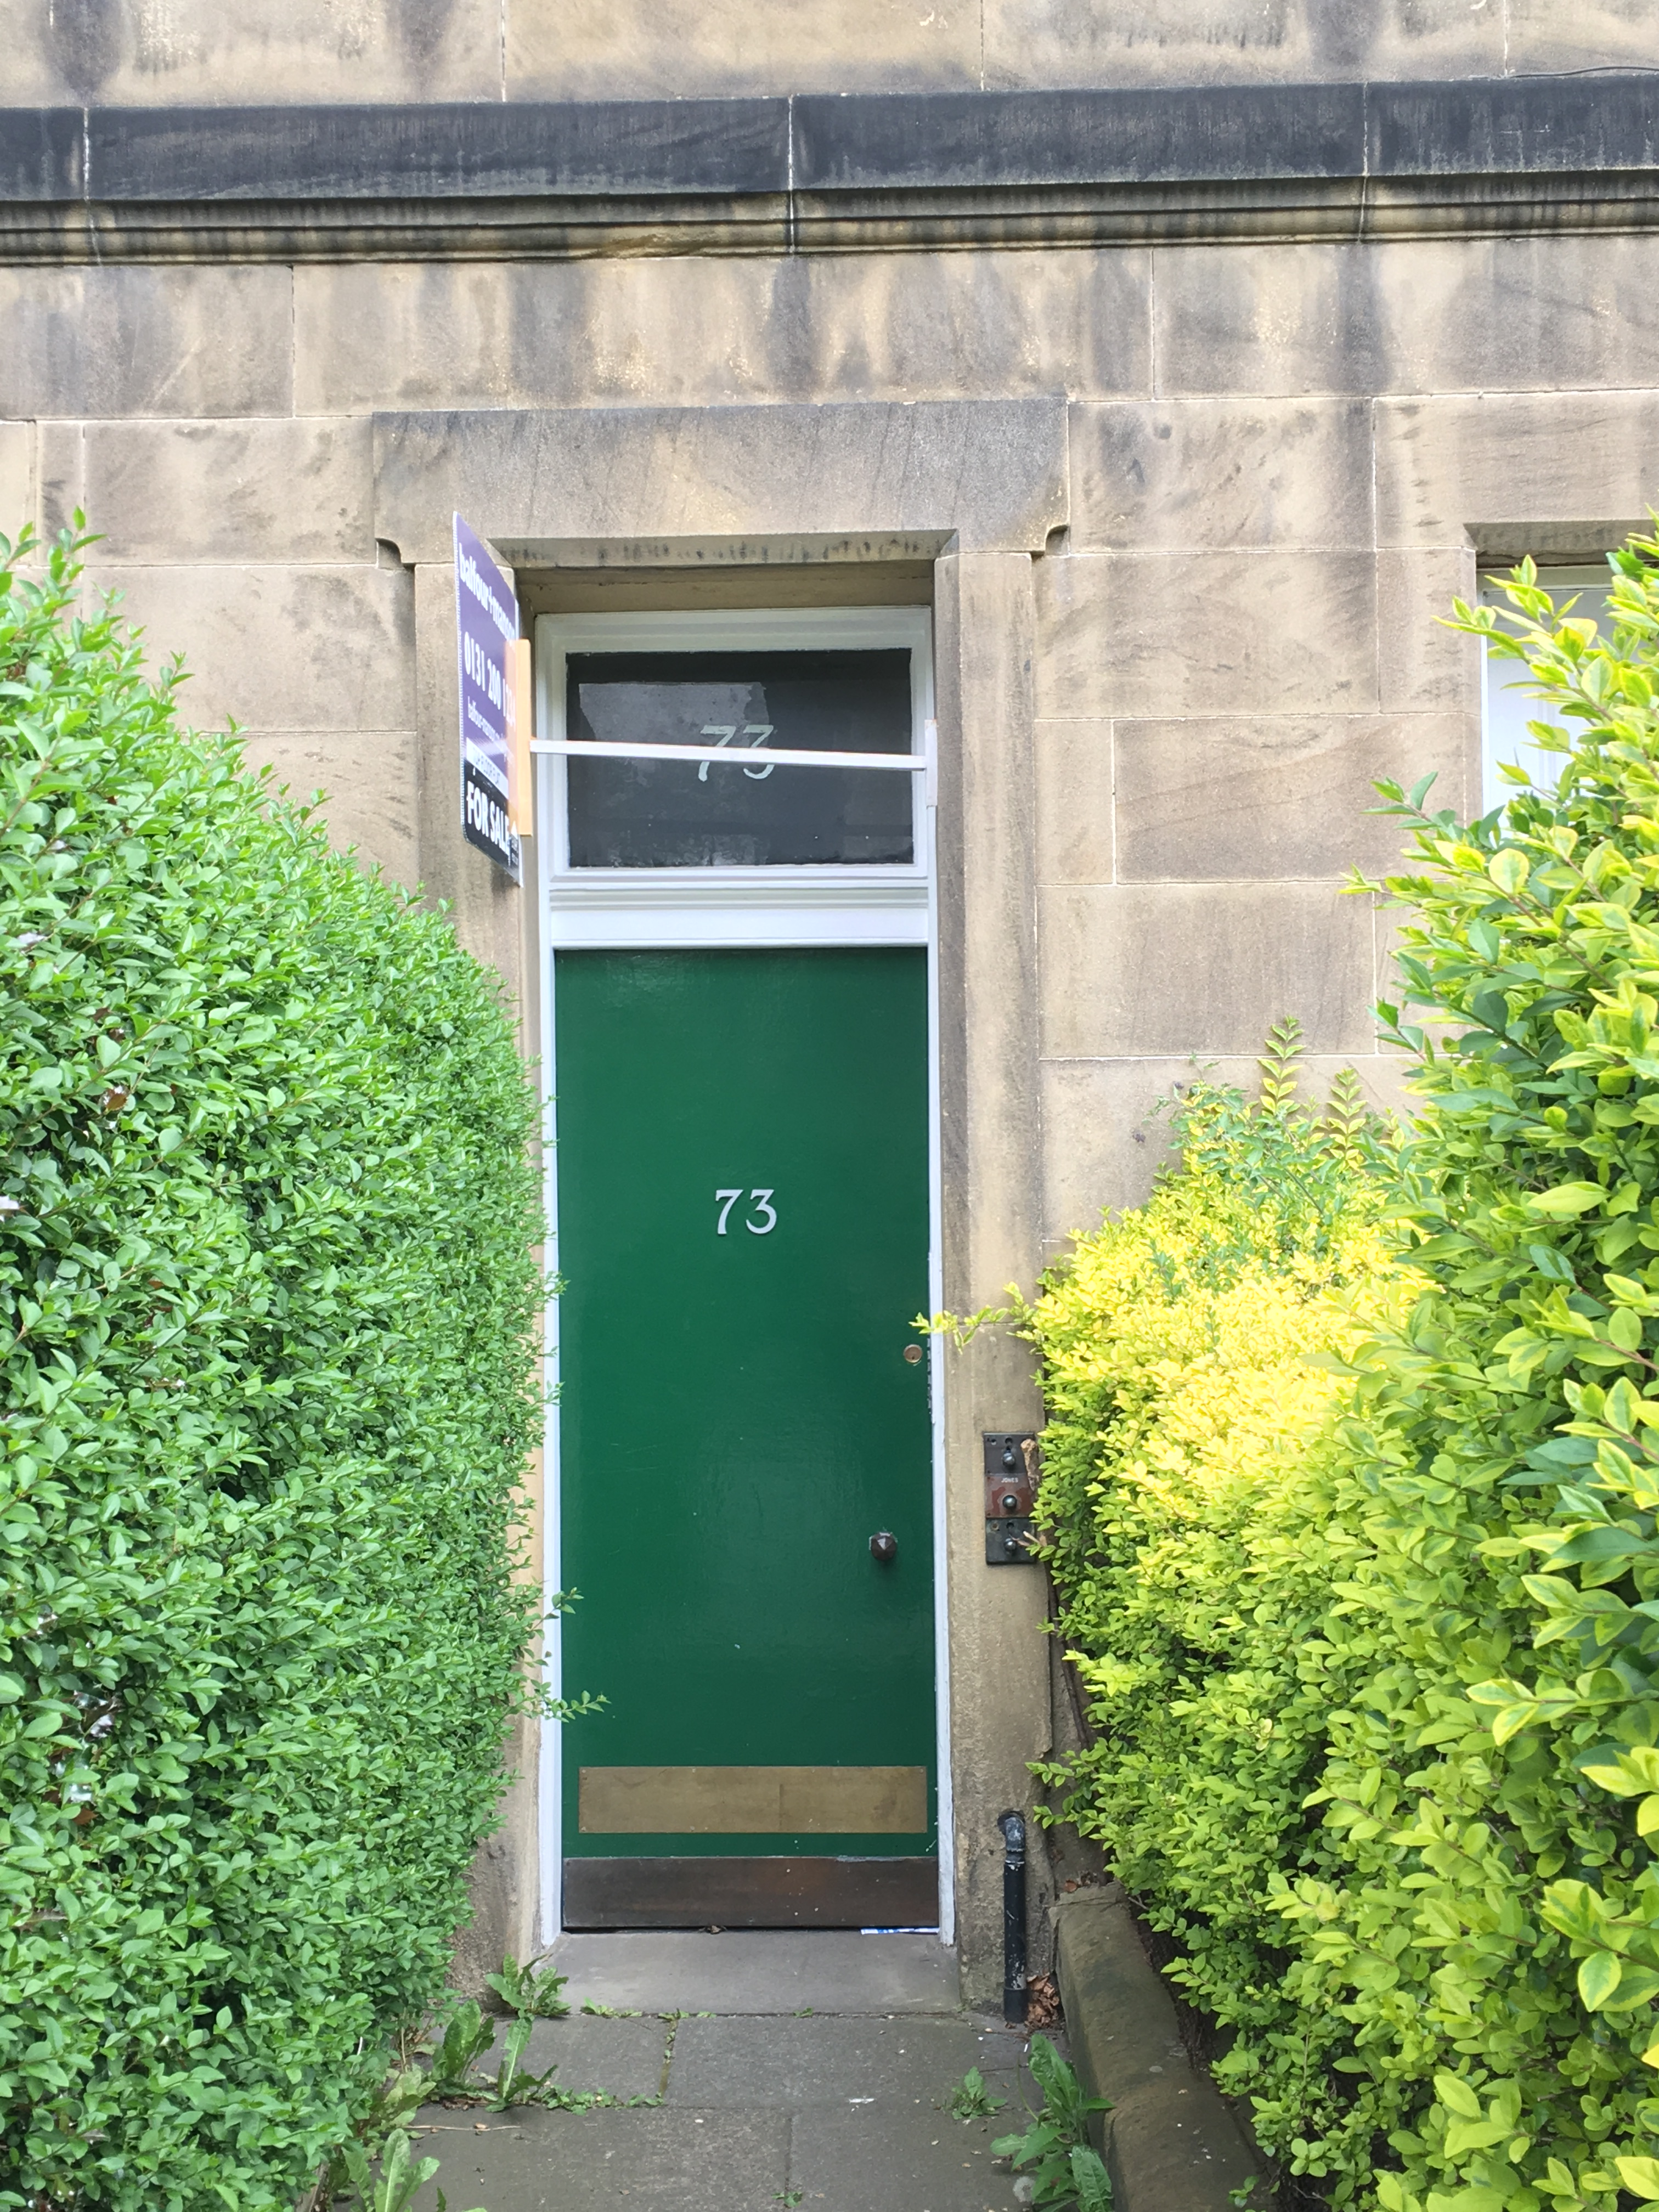 73 Inverleith Row.jpg